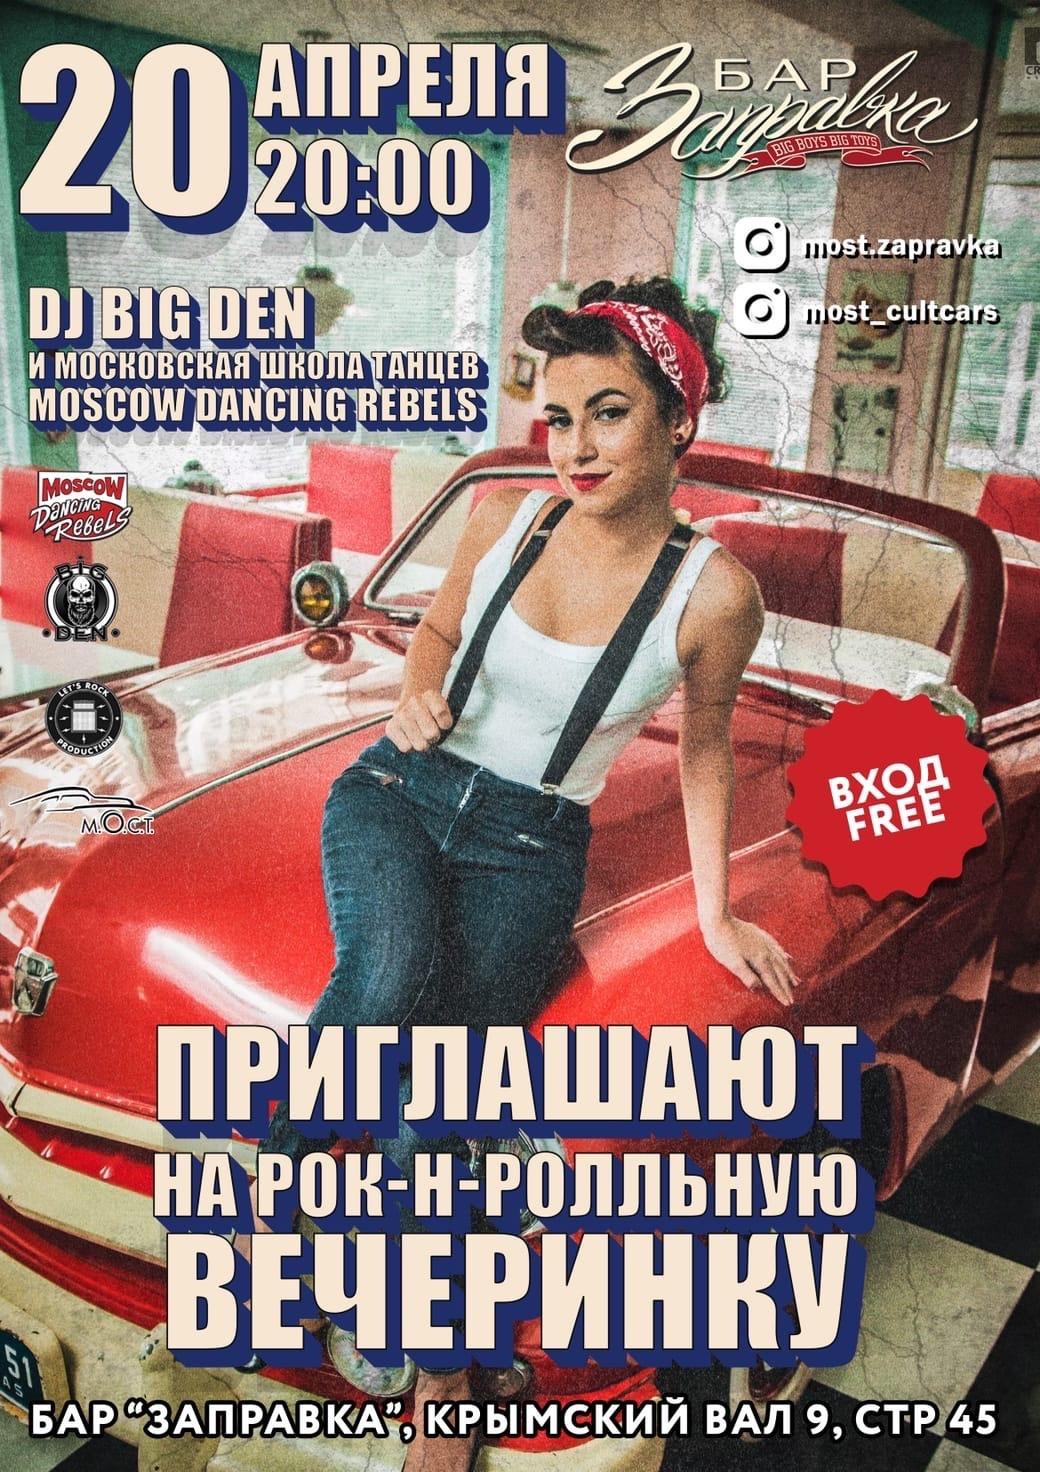 20.04 Rock-n-roll под МОСТОМ